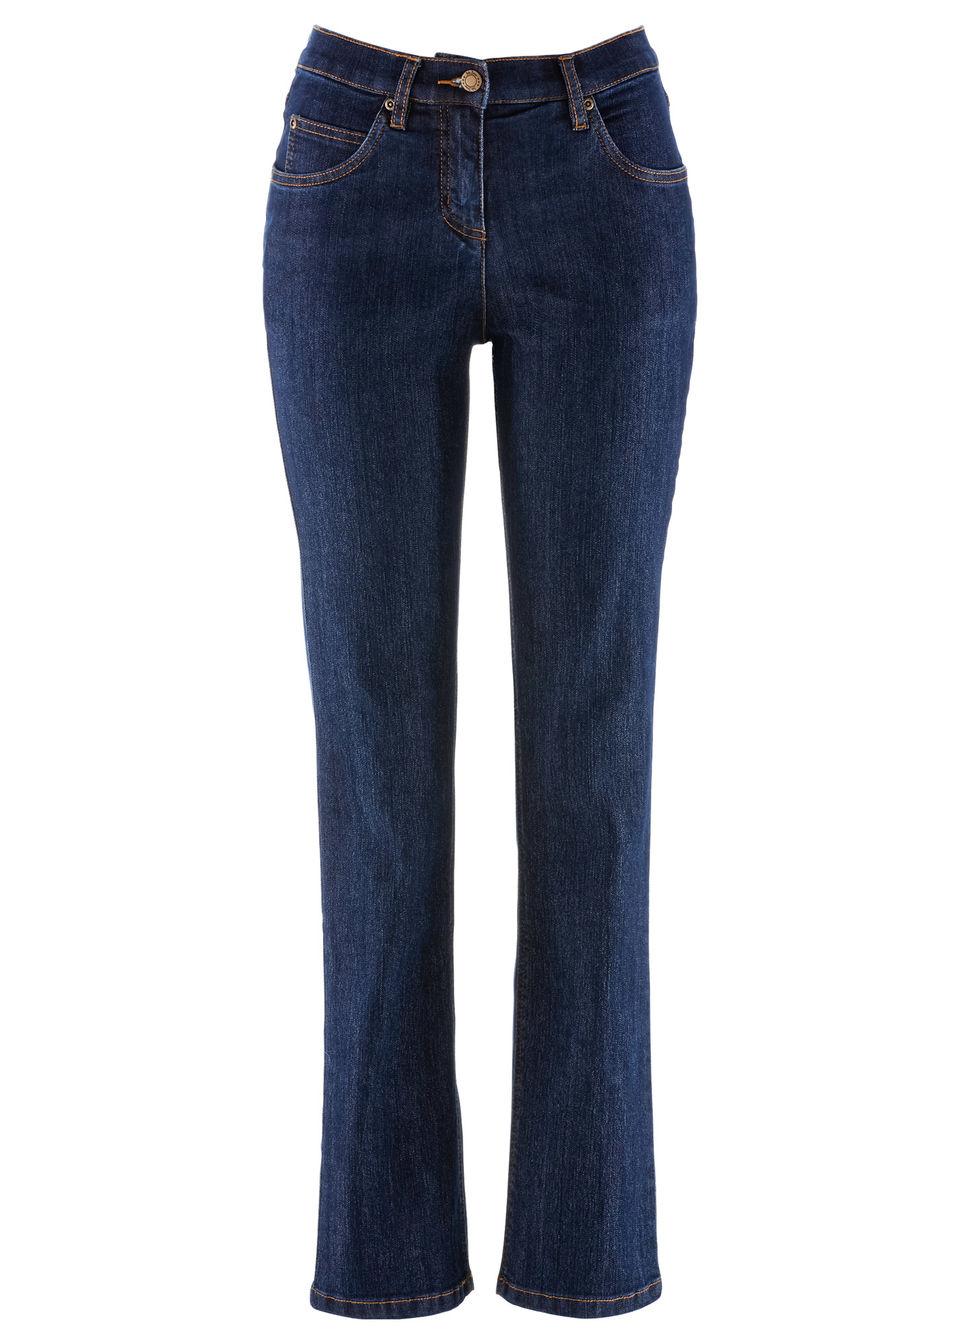 Удобные джинсы-стретч STRAIGHT от bonprix